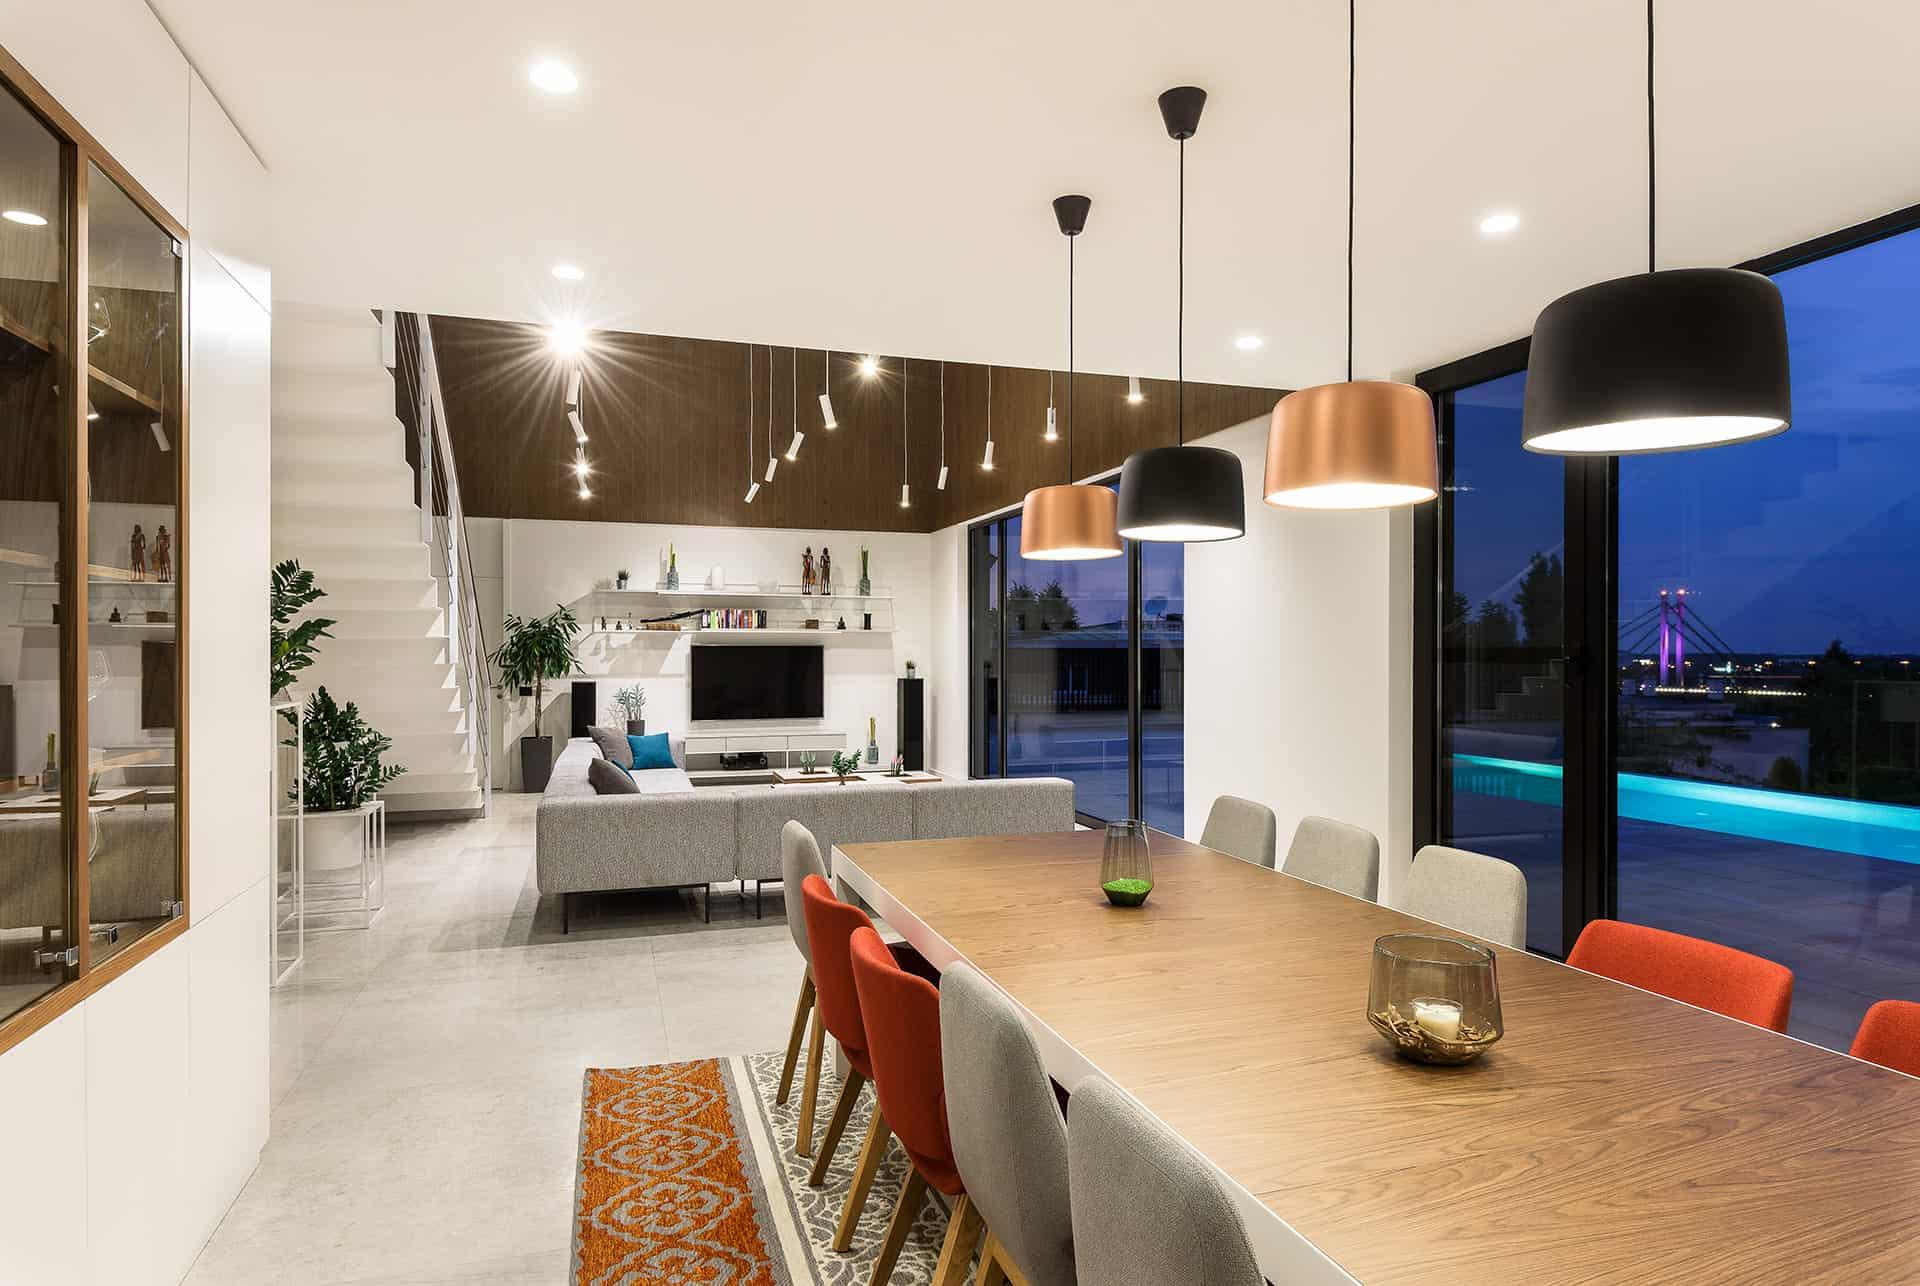 10-dining room